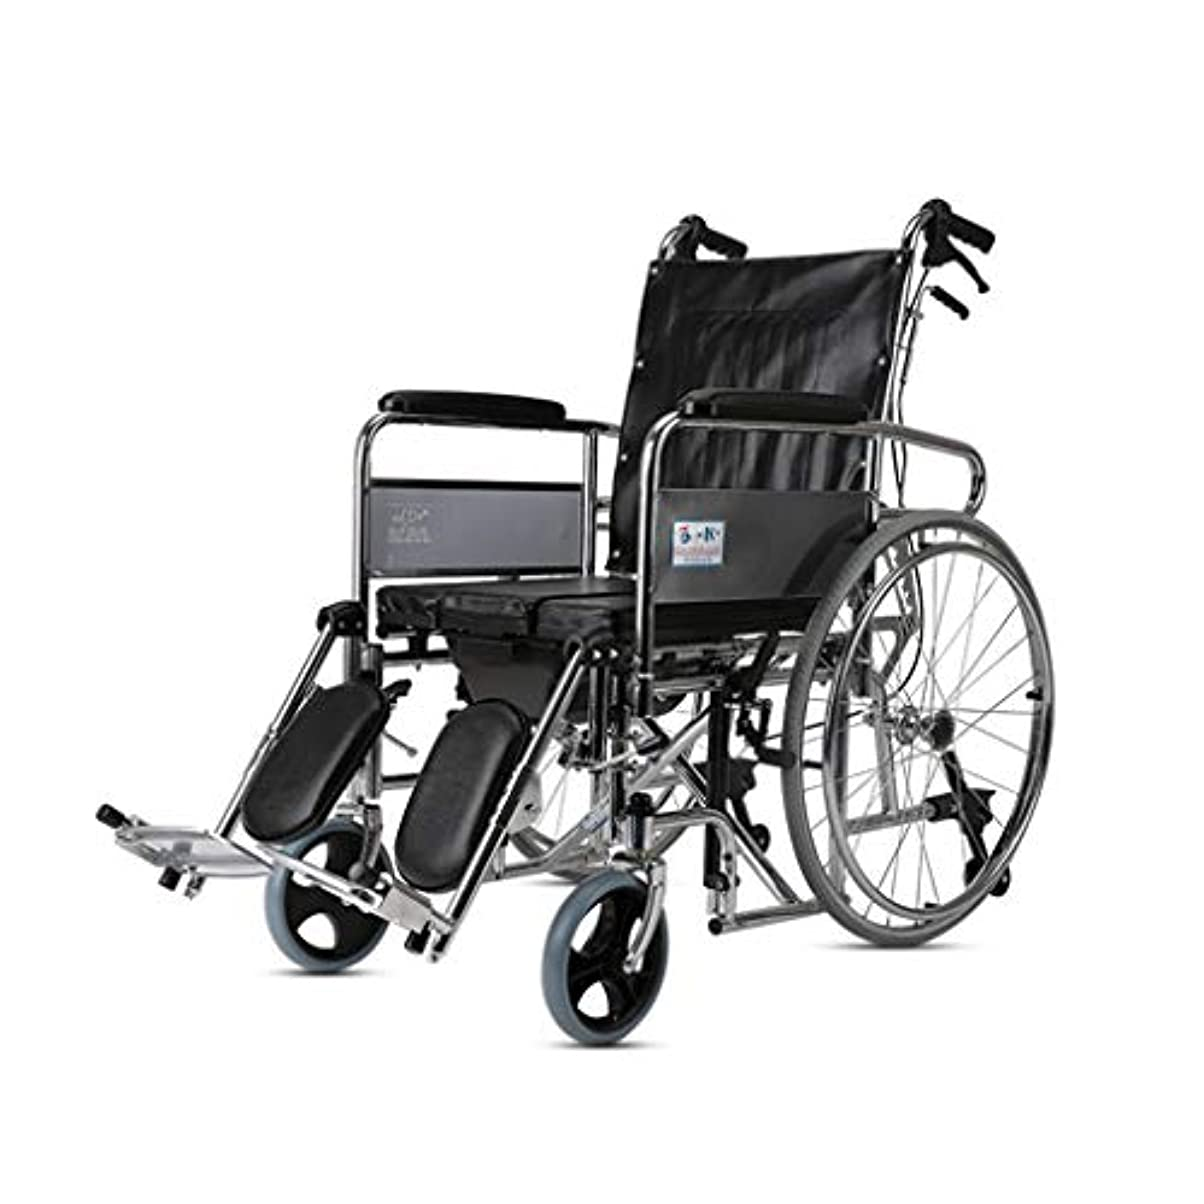 ぐったり変動するまたね折り畳み式車椅子超軽量ポータブル多機能ハンドプッシュ車椅子高齢者と障害者のために人間工学に基づいた